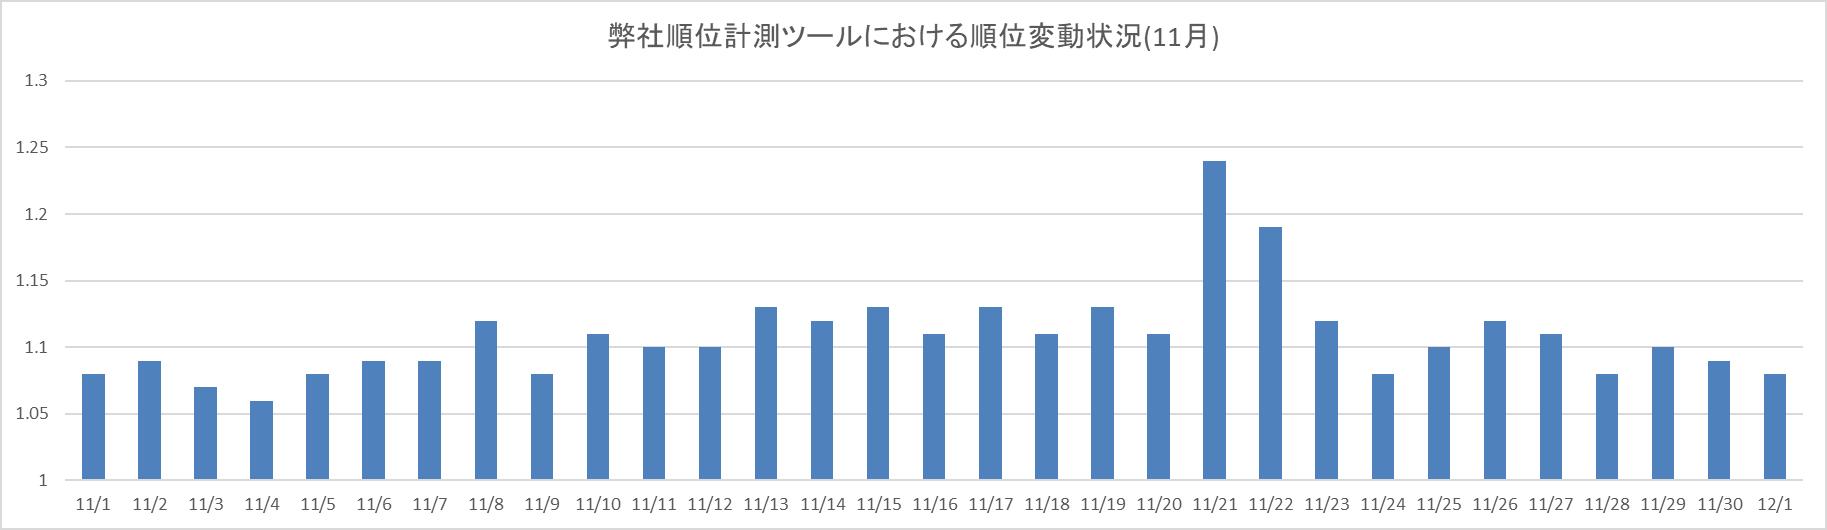 弊社順位計測ツールにおける順位変動状況(11月)